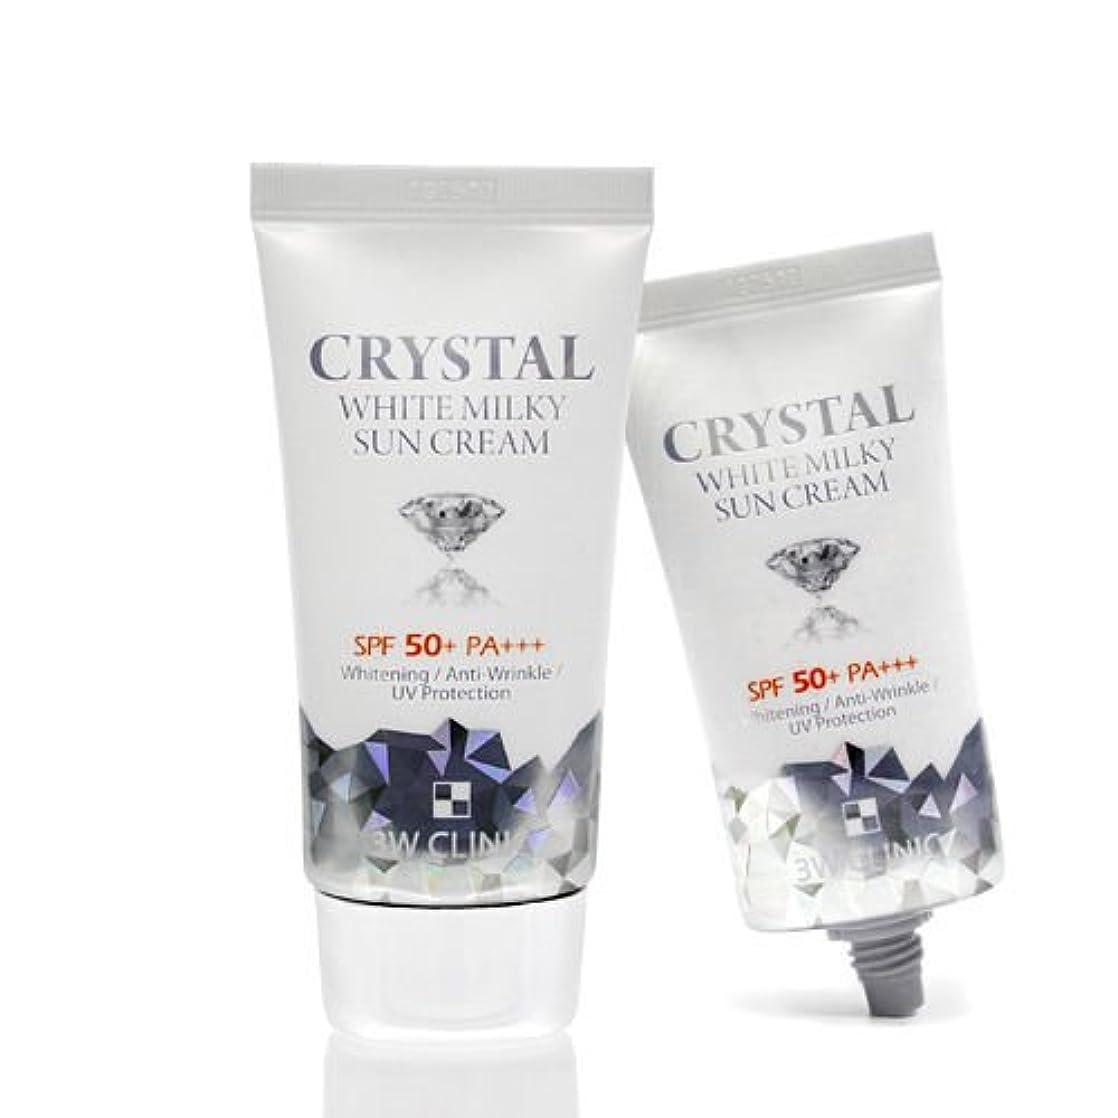 輸送黒鳥3Wクリニック[韓国コスメ3w Clinic]Crystal White Milky Sun Cream クリスタルホワイトミルキー 日焼け止めクリーム50ml[並行輸入品]